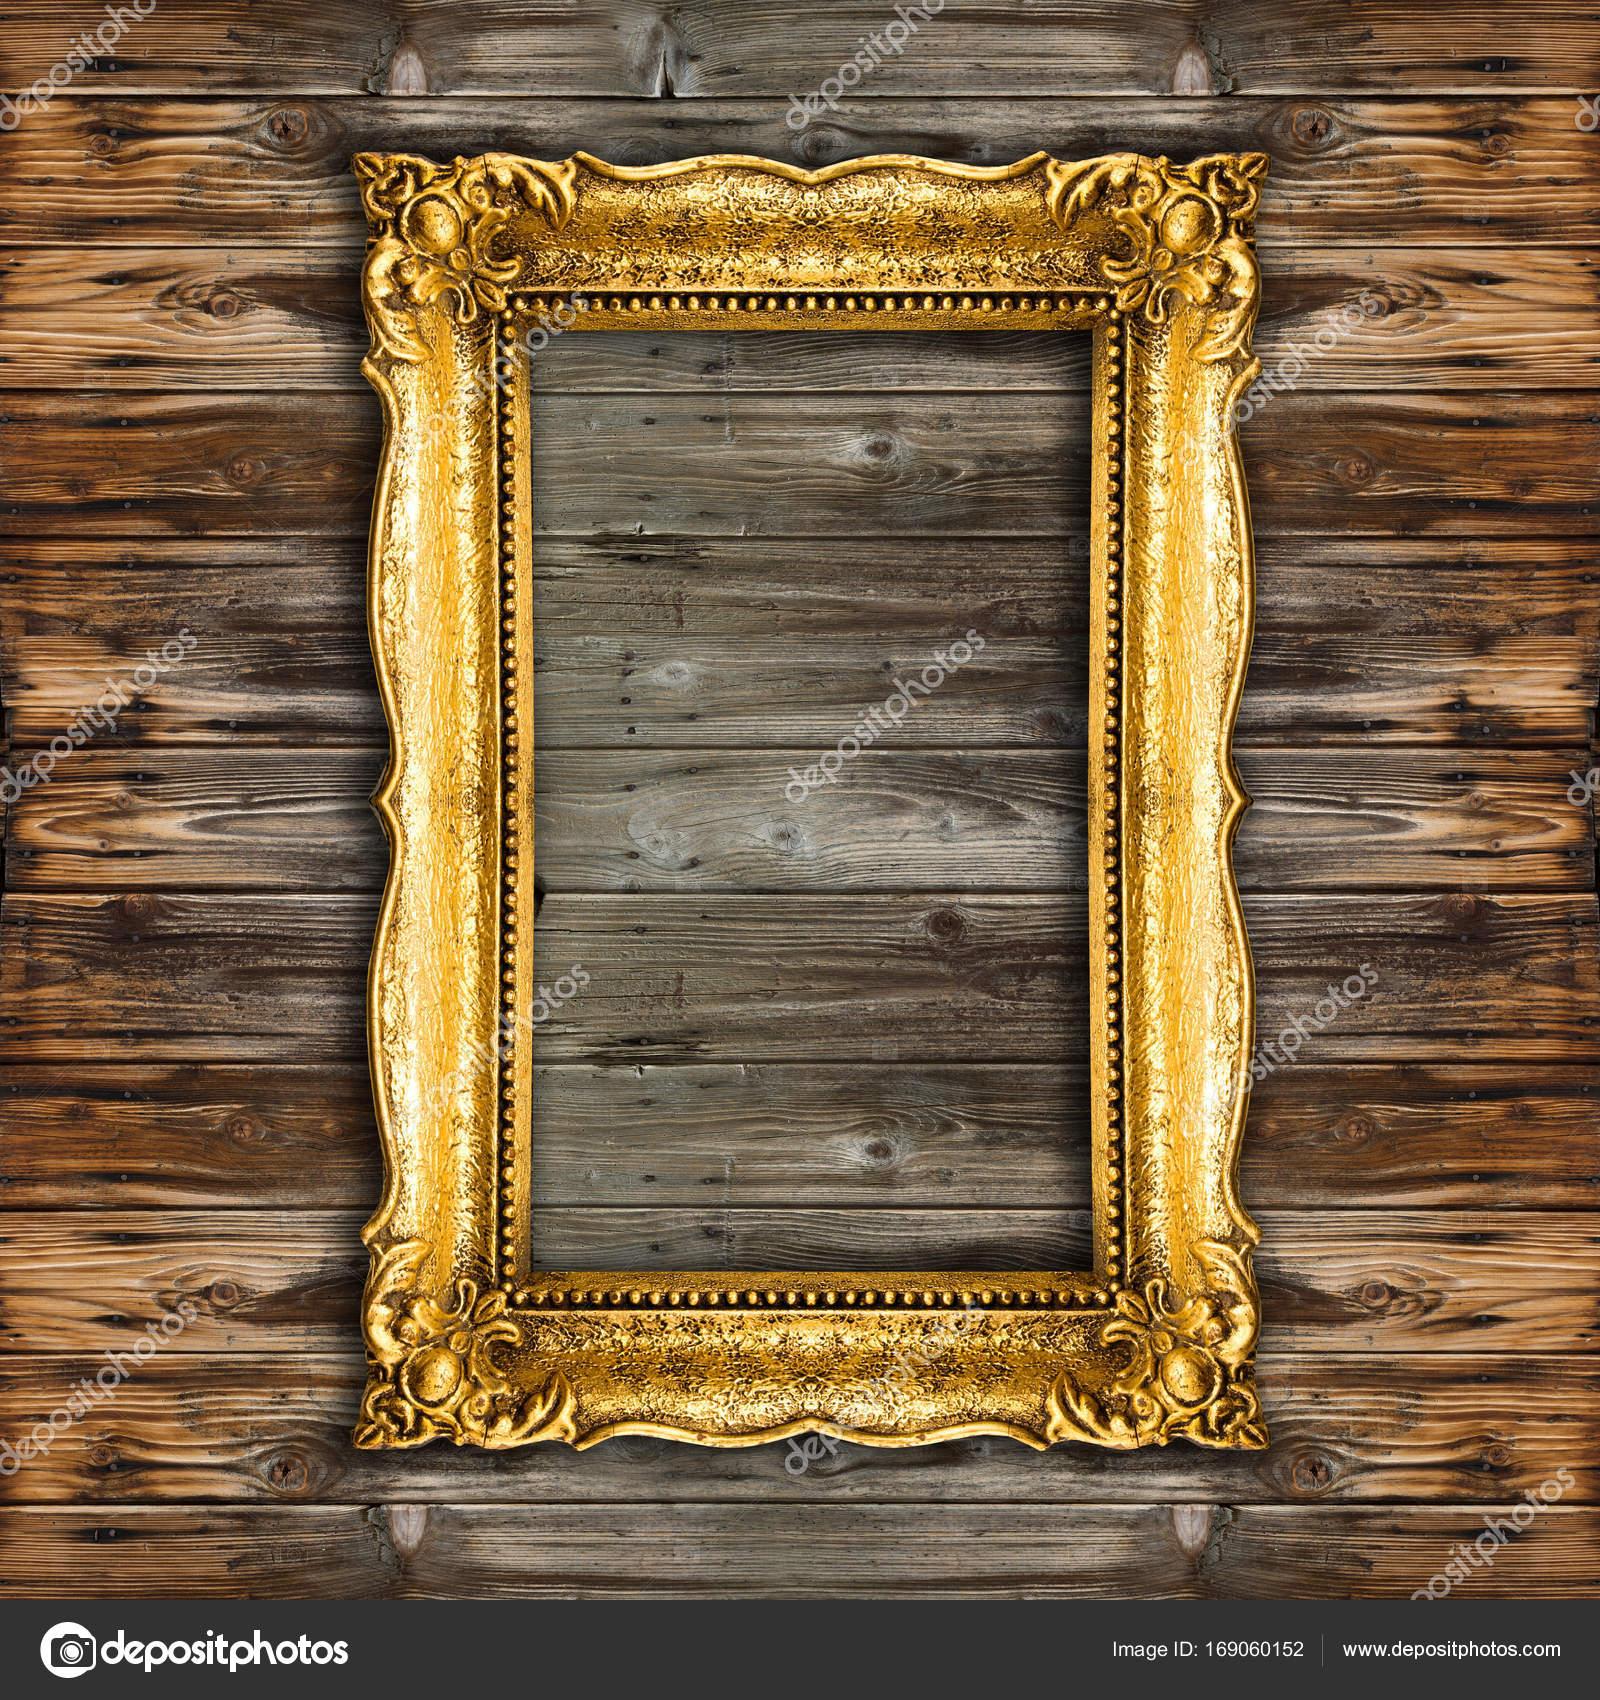 altgold-bilderrahmen auf hölzernen hintergrund — stockfoto © adam_r